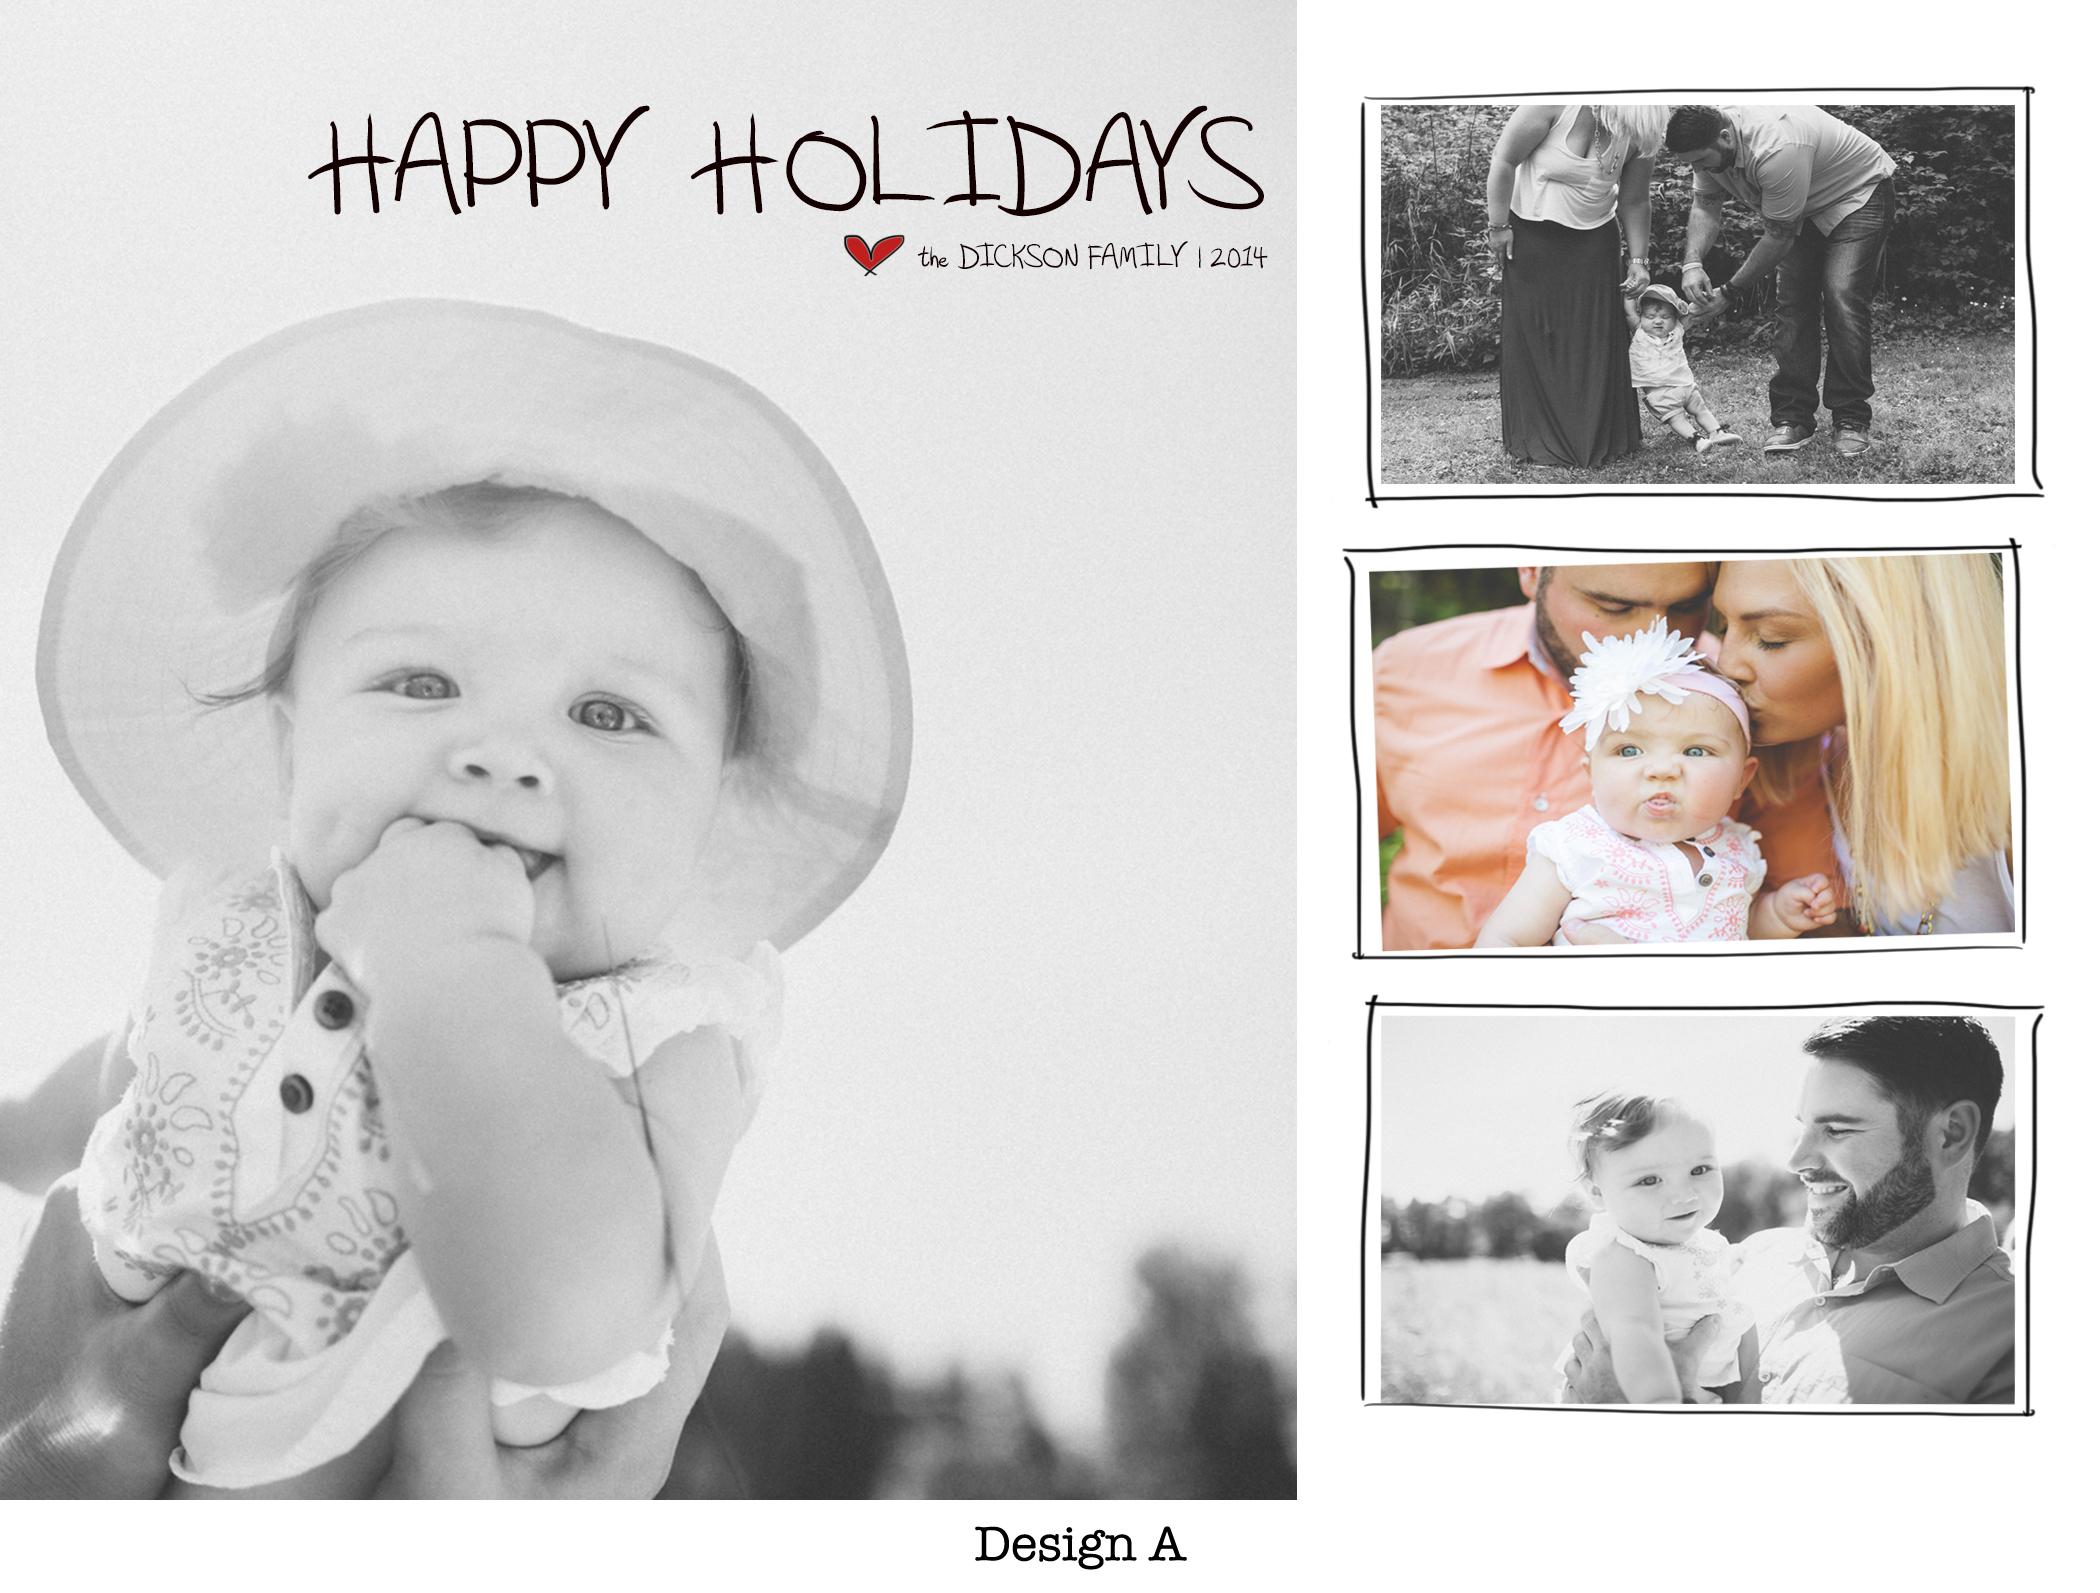 Christmas Card A.jpg